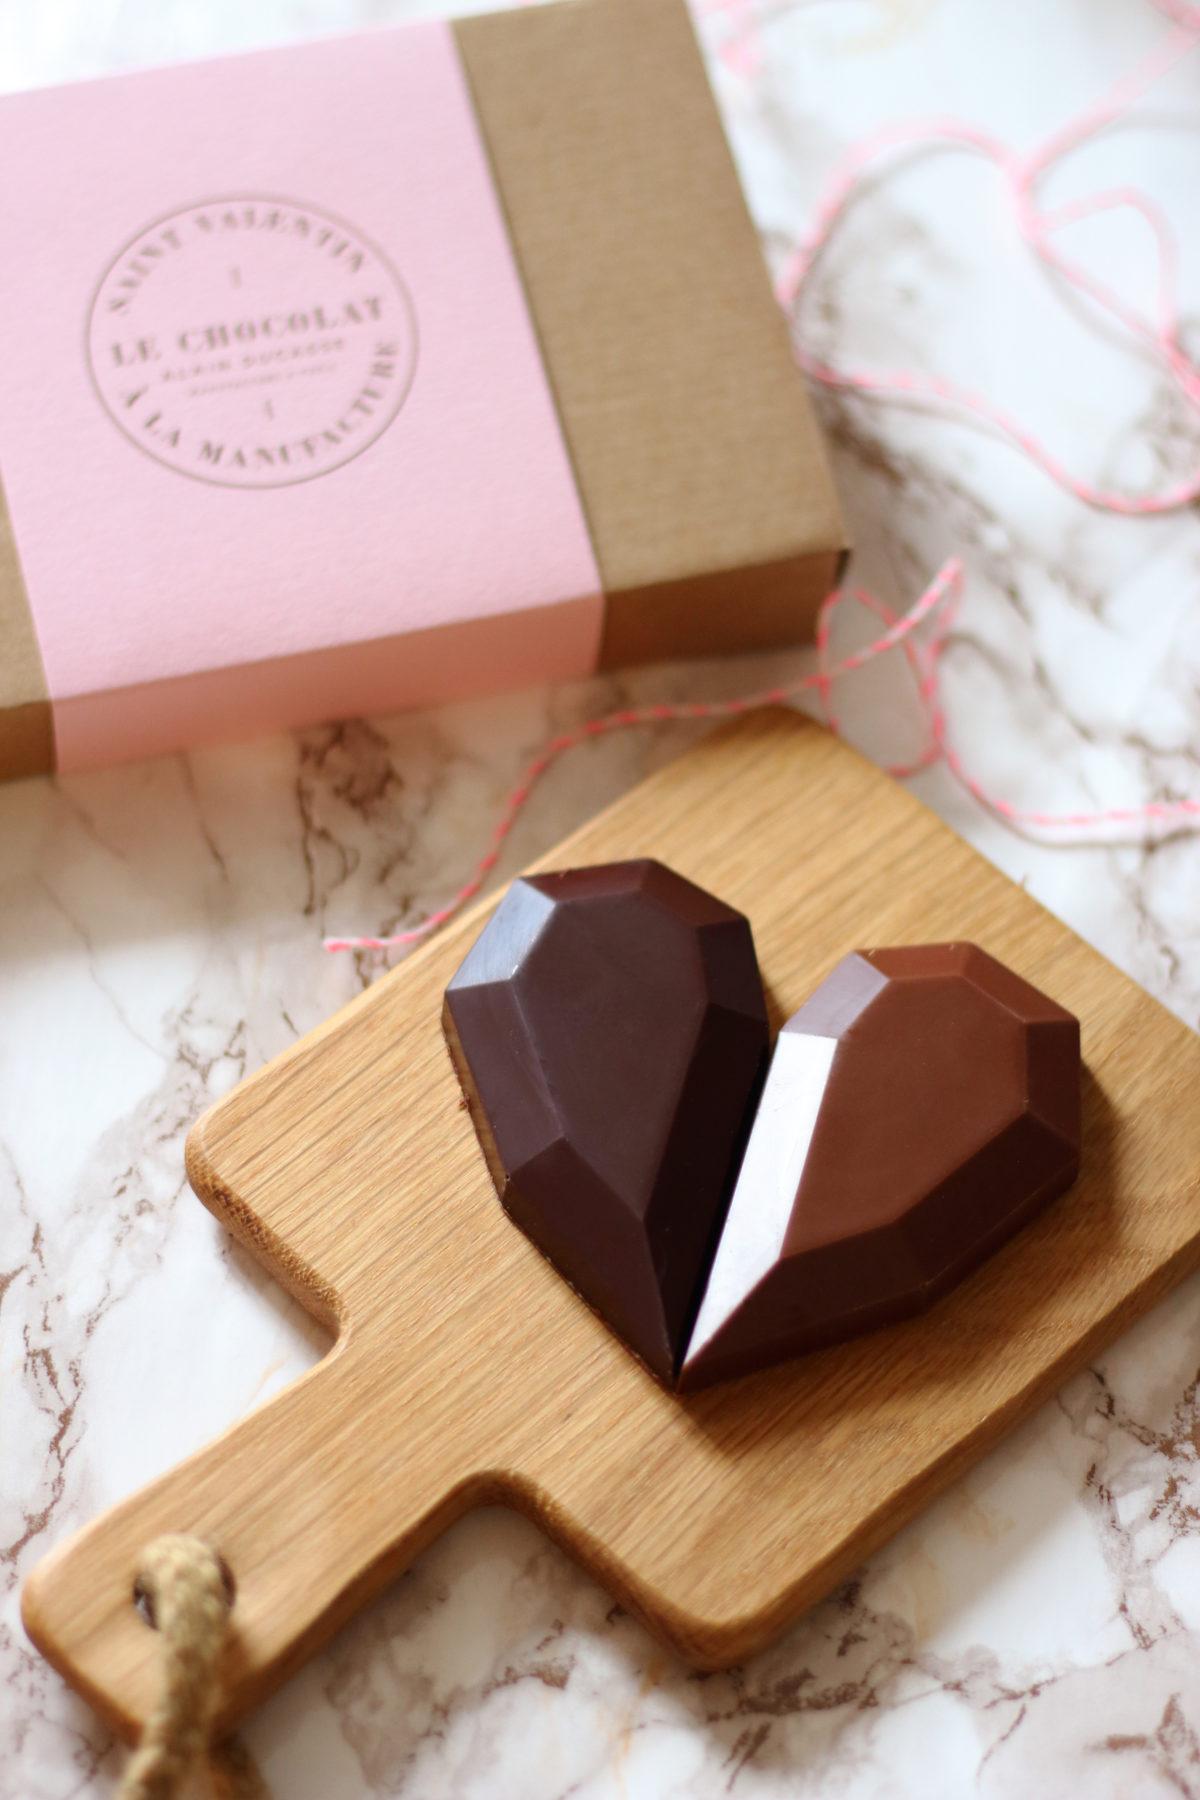 Un cœur à partager par Le Chocolat Alain Ducasse